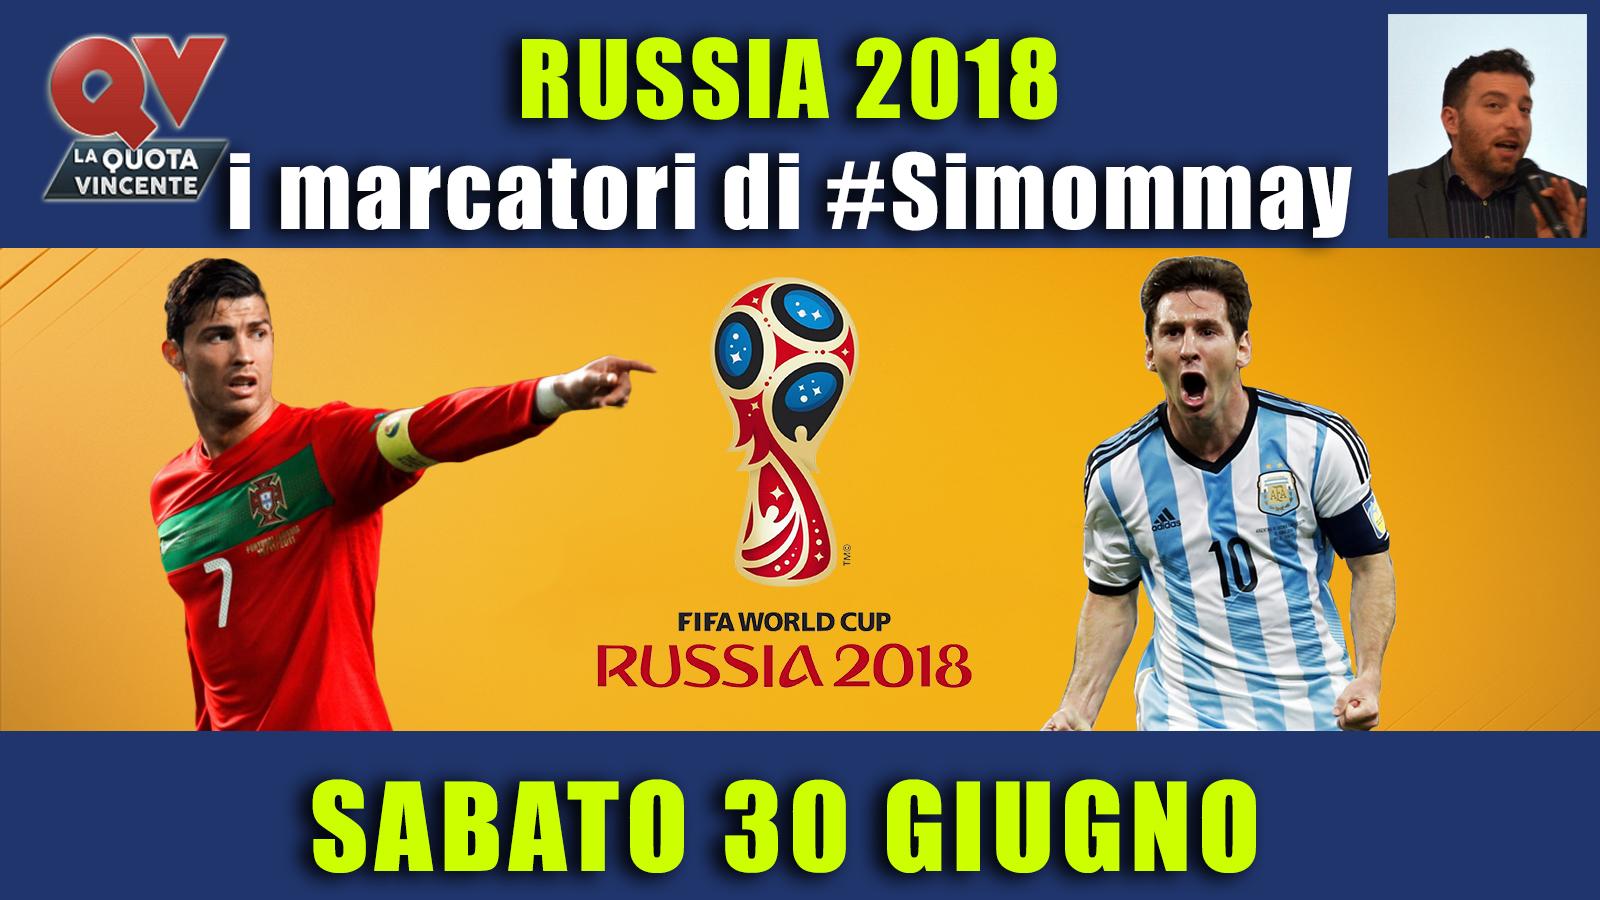 Pronostici marcatori Mondiali 30 giugno: i marcatori di #simommay